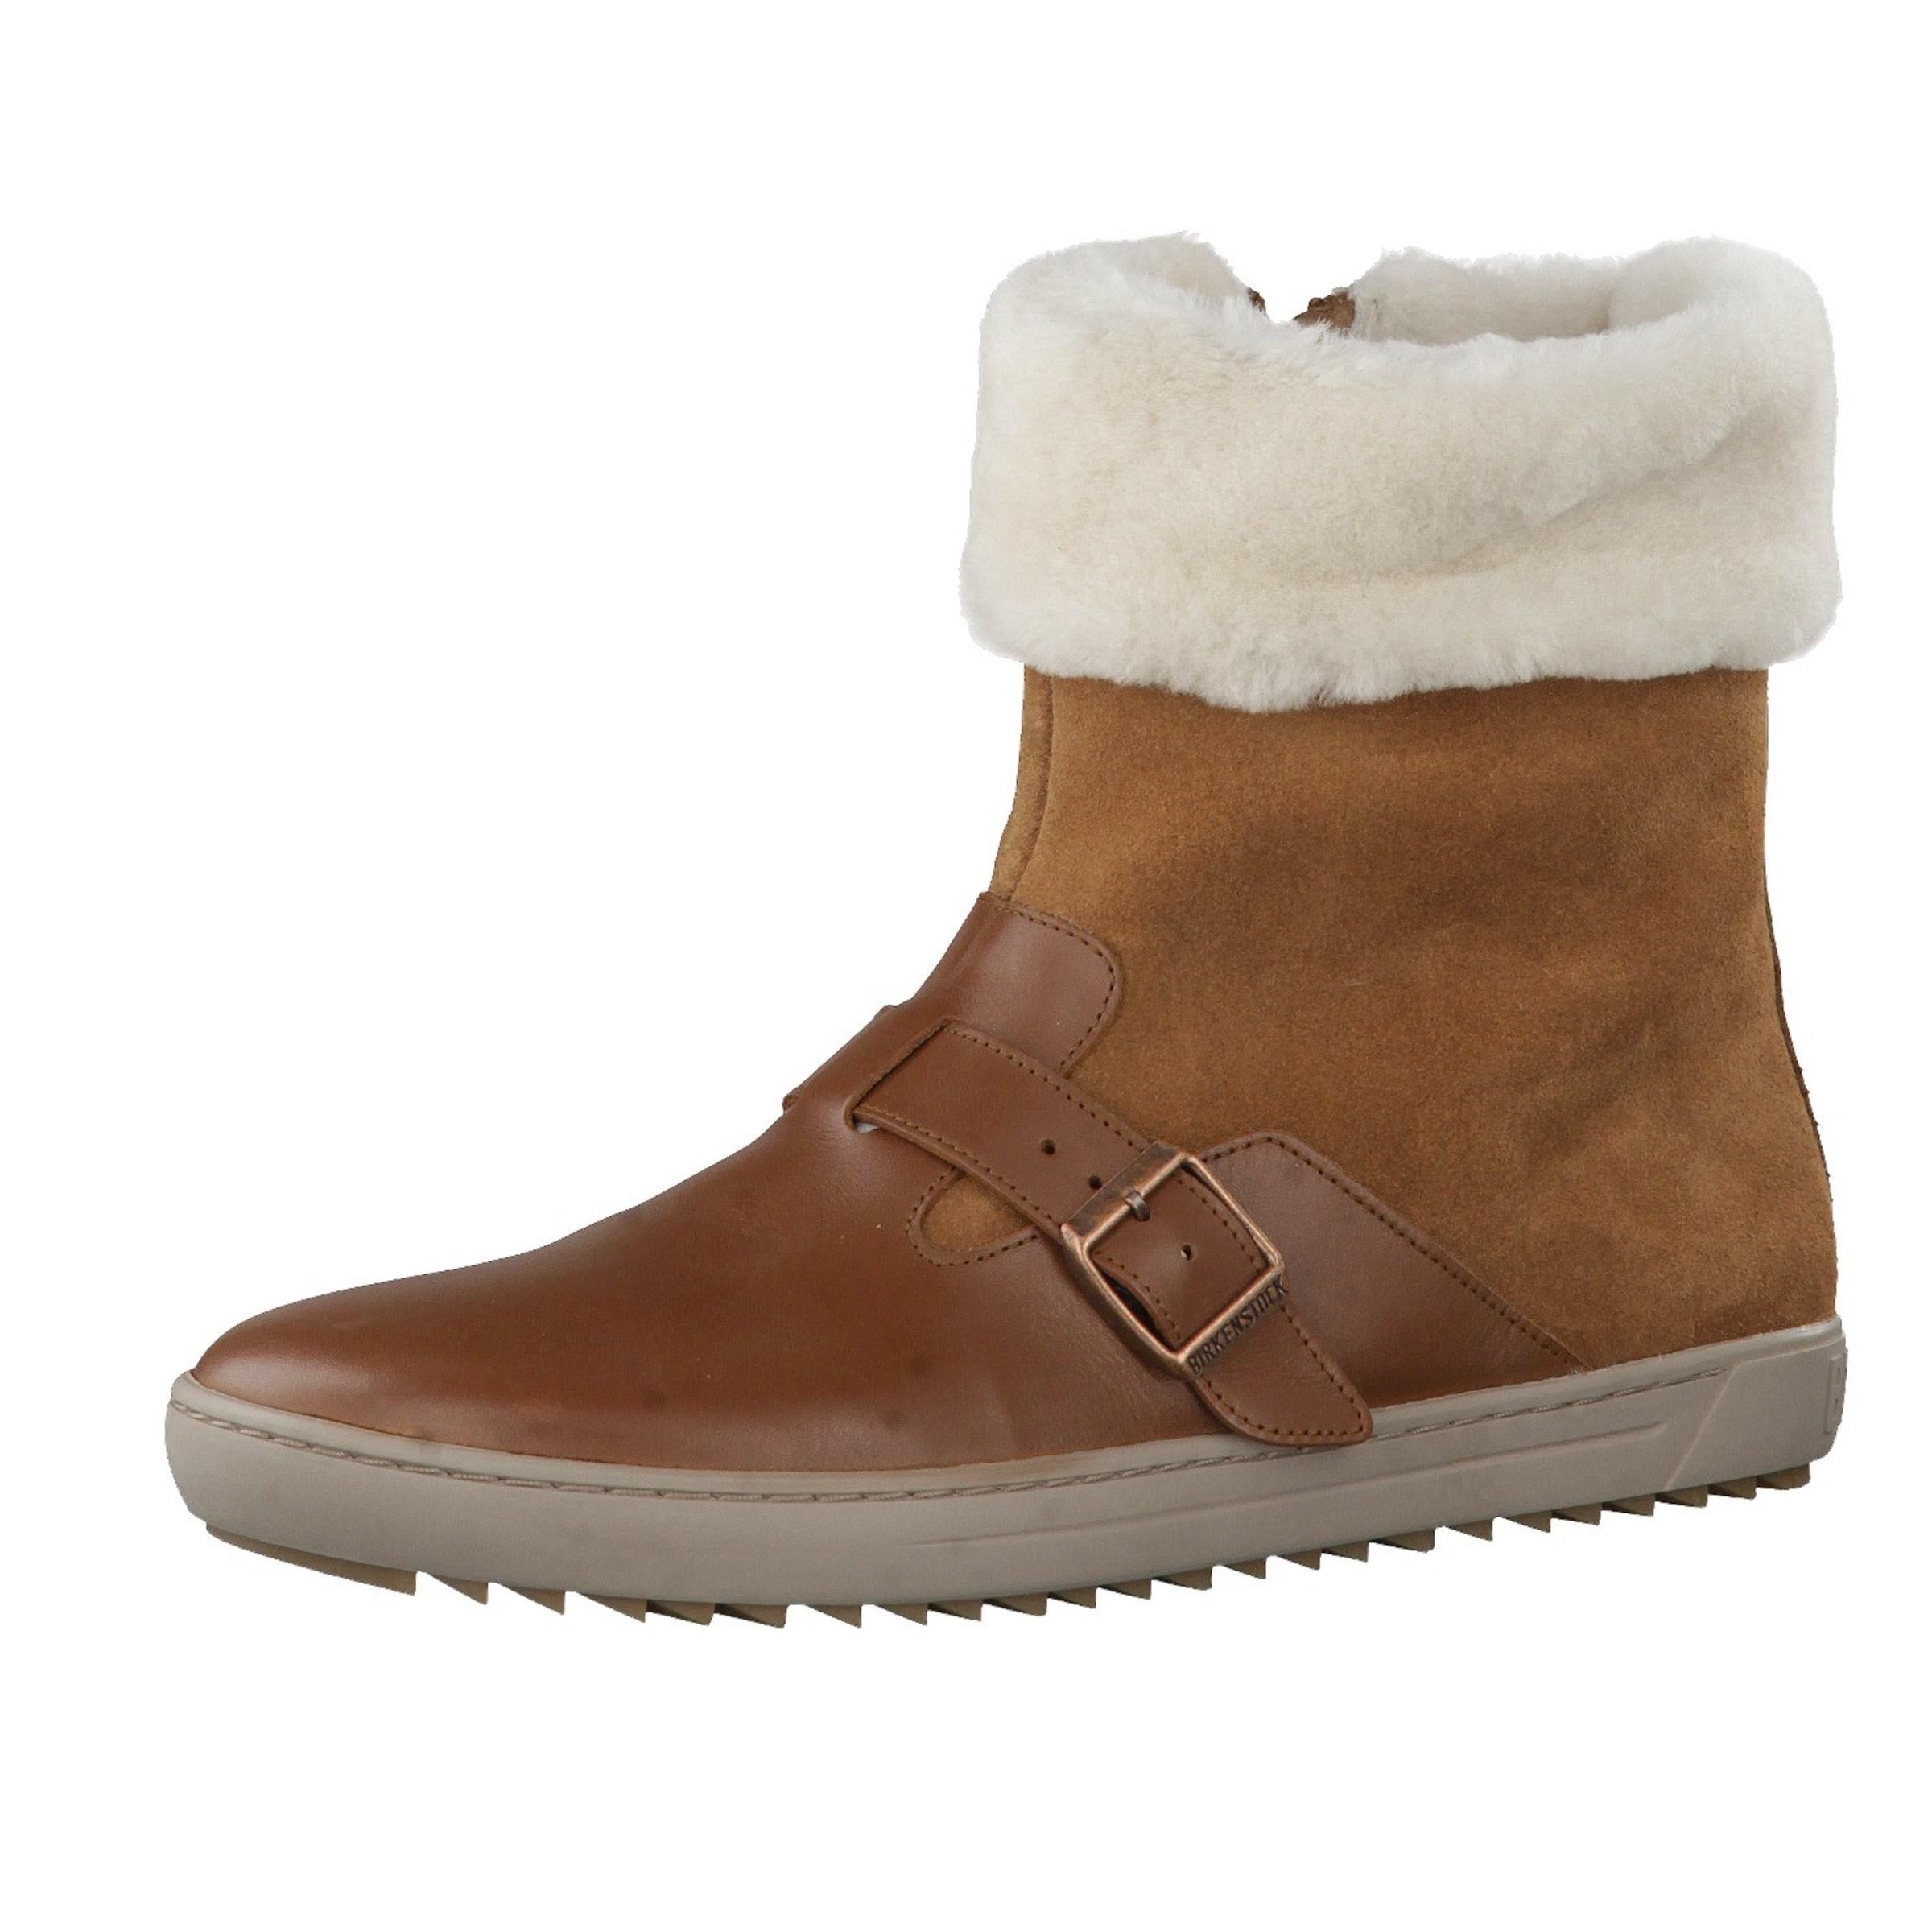 BIRKENSTOCK Boots Stirling Ladies Günstige und langlebige Schuhe